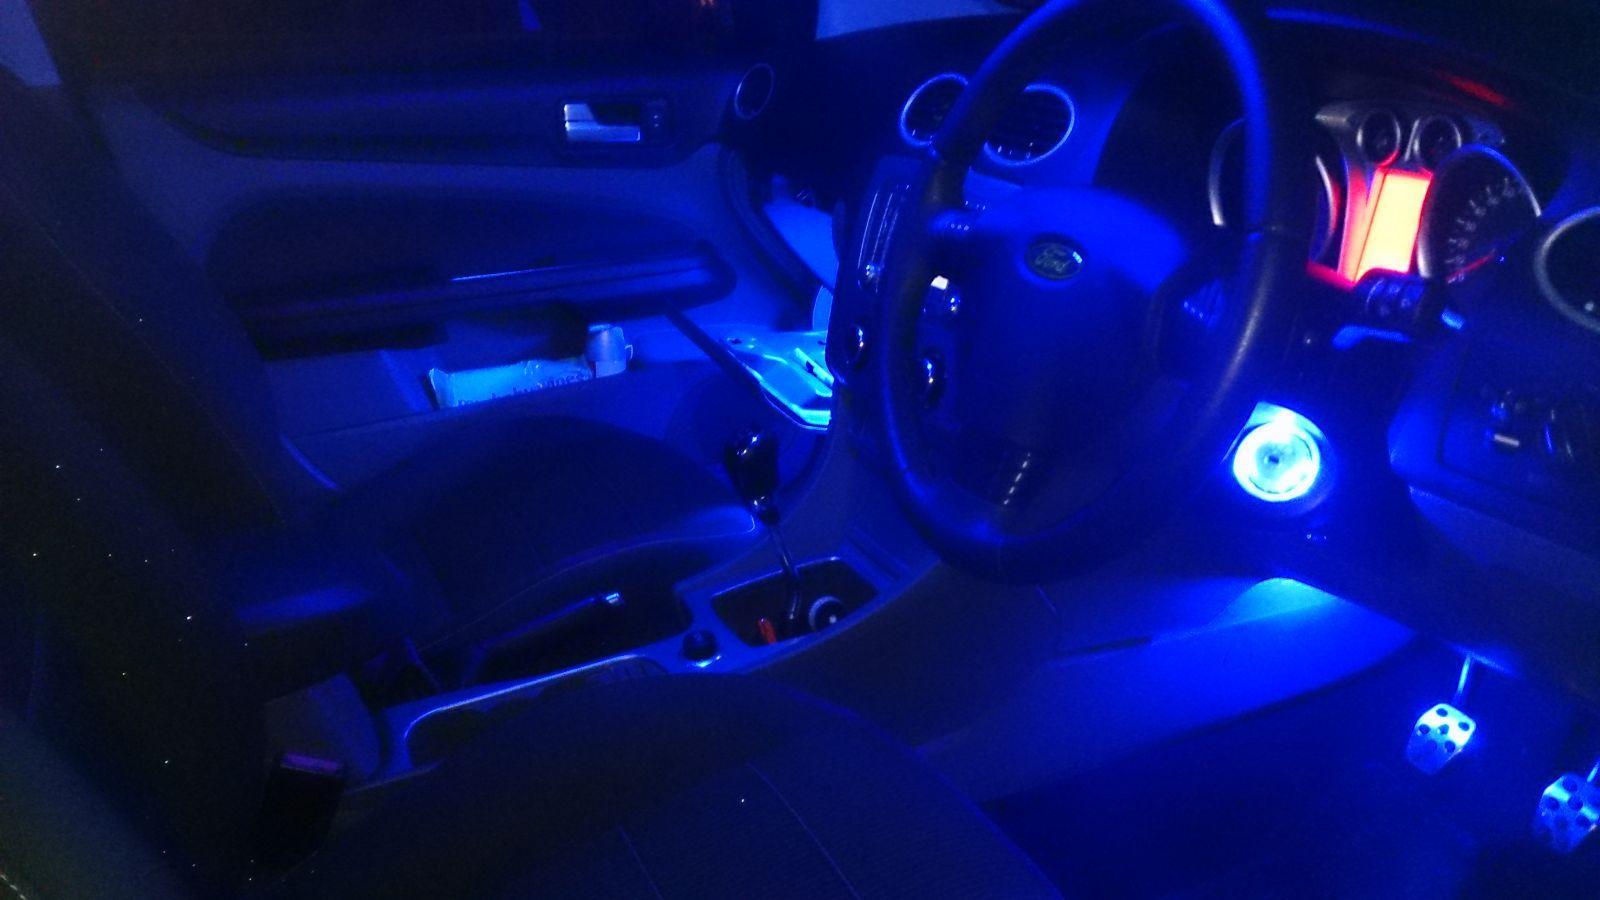 blue led interior finished